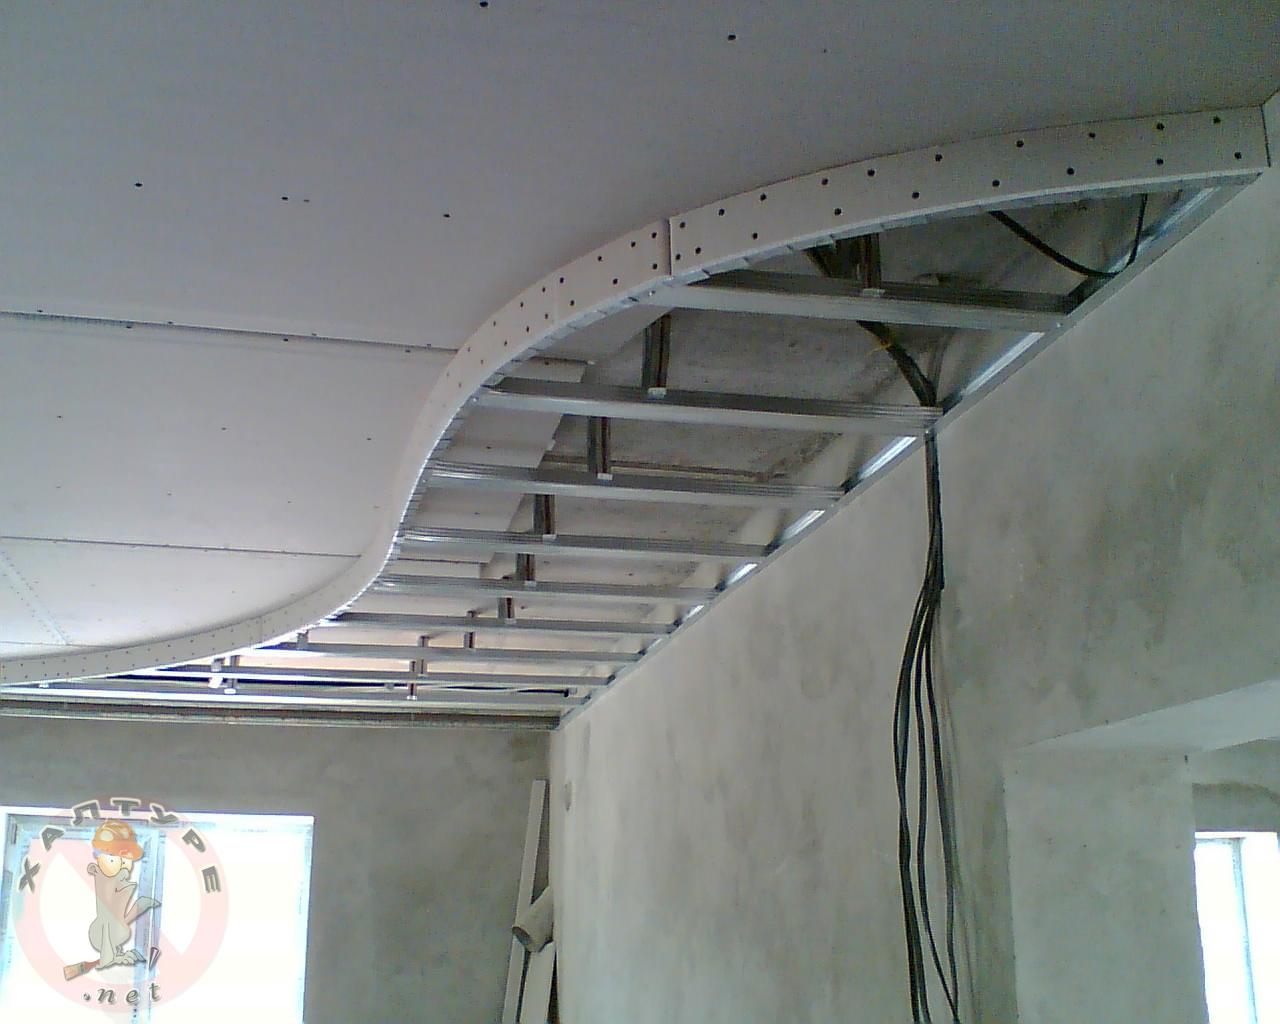 Работа с гипсокартоном своими руками двухуровневый потолок